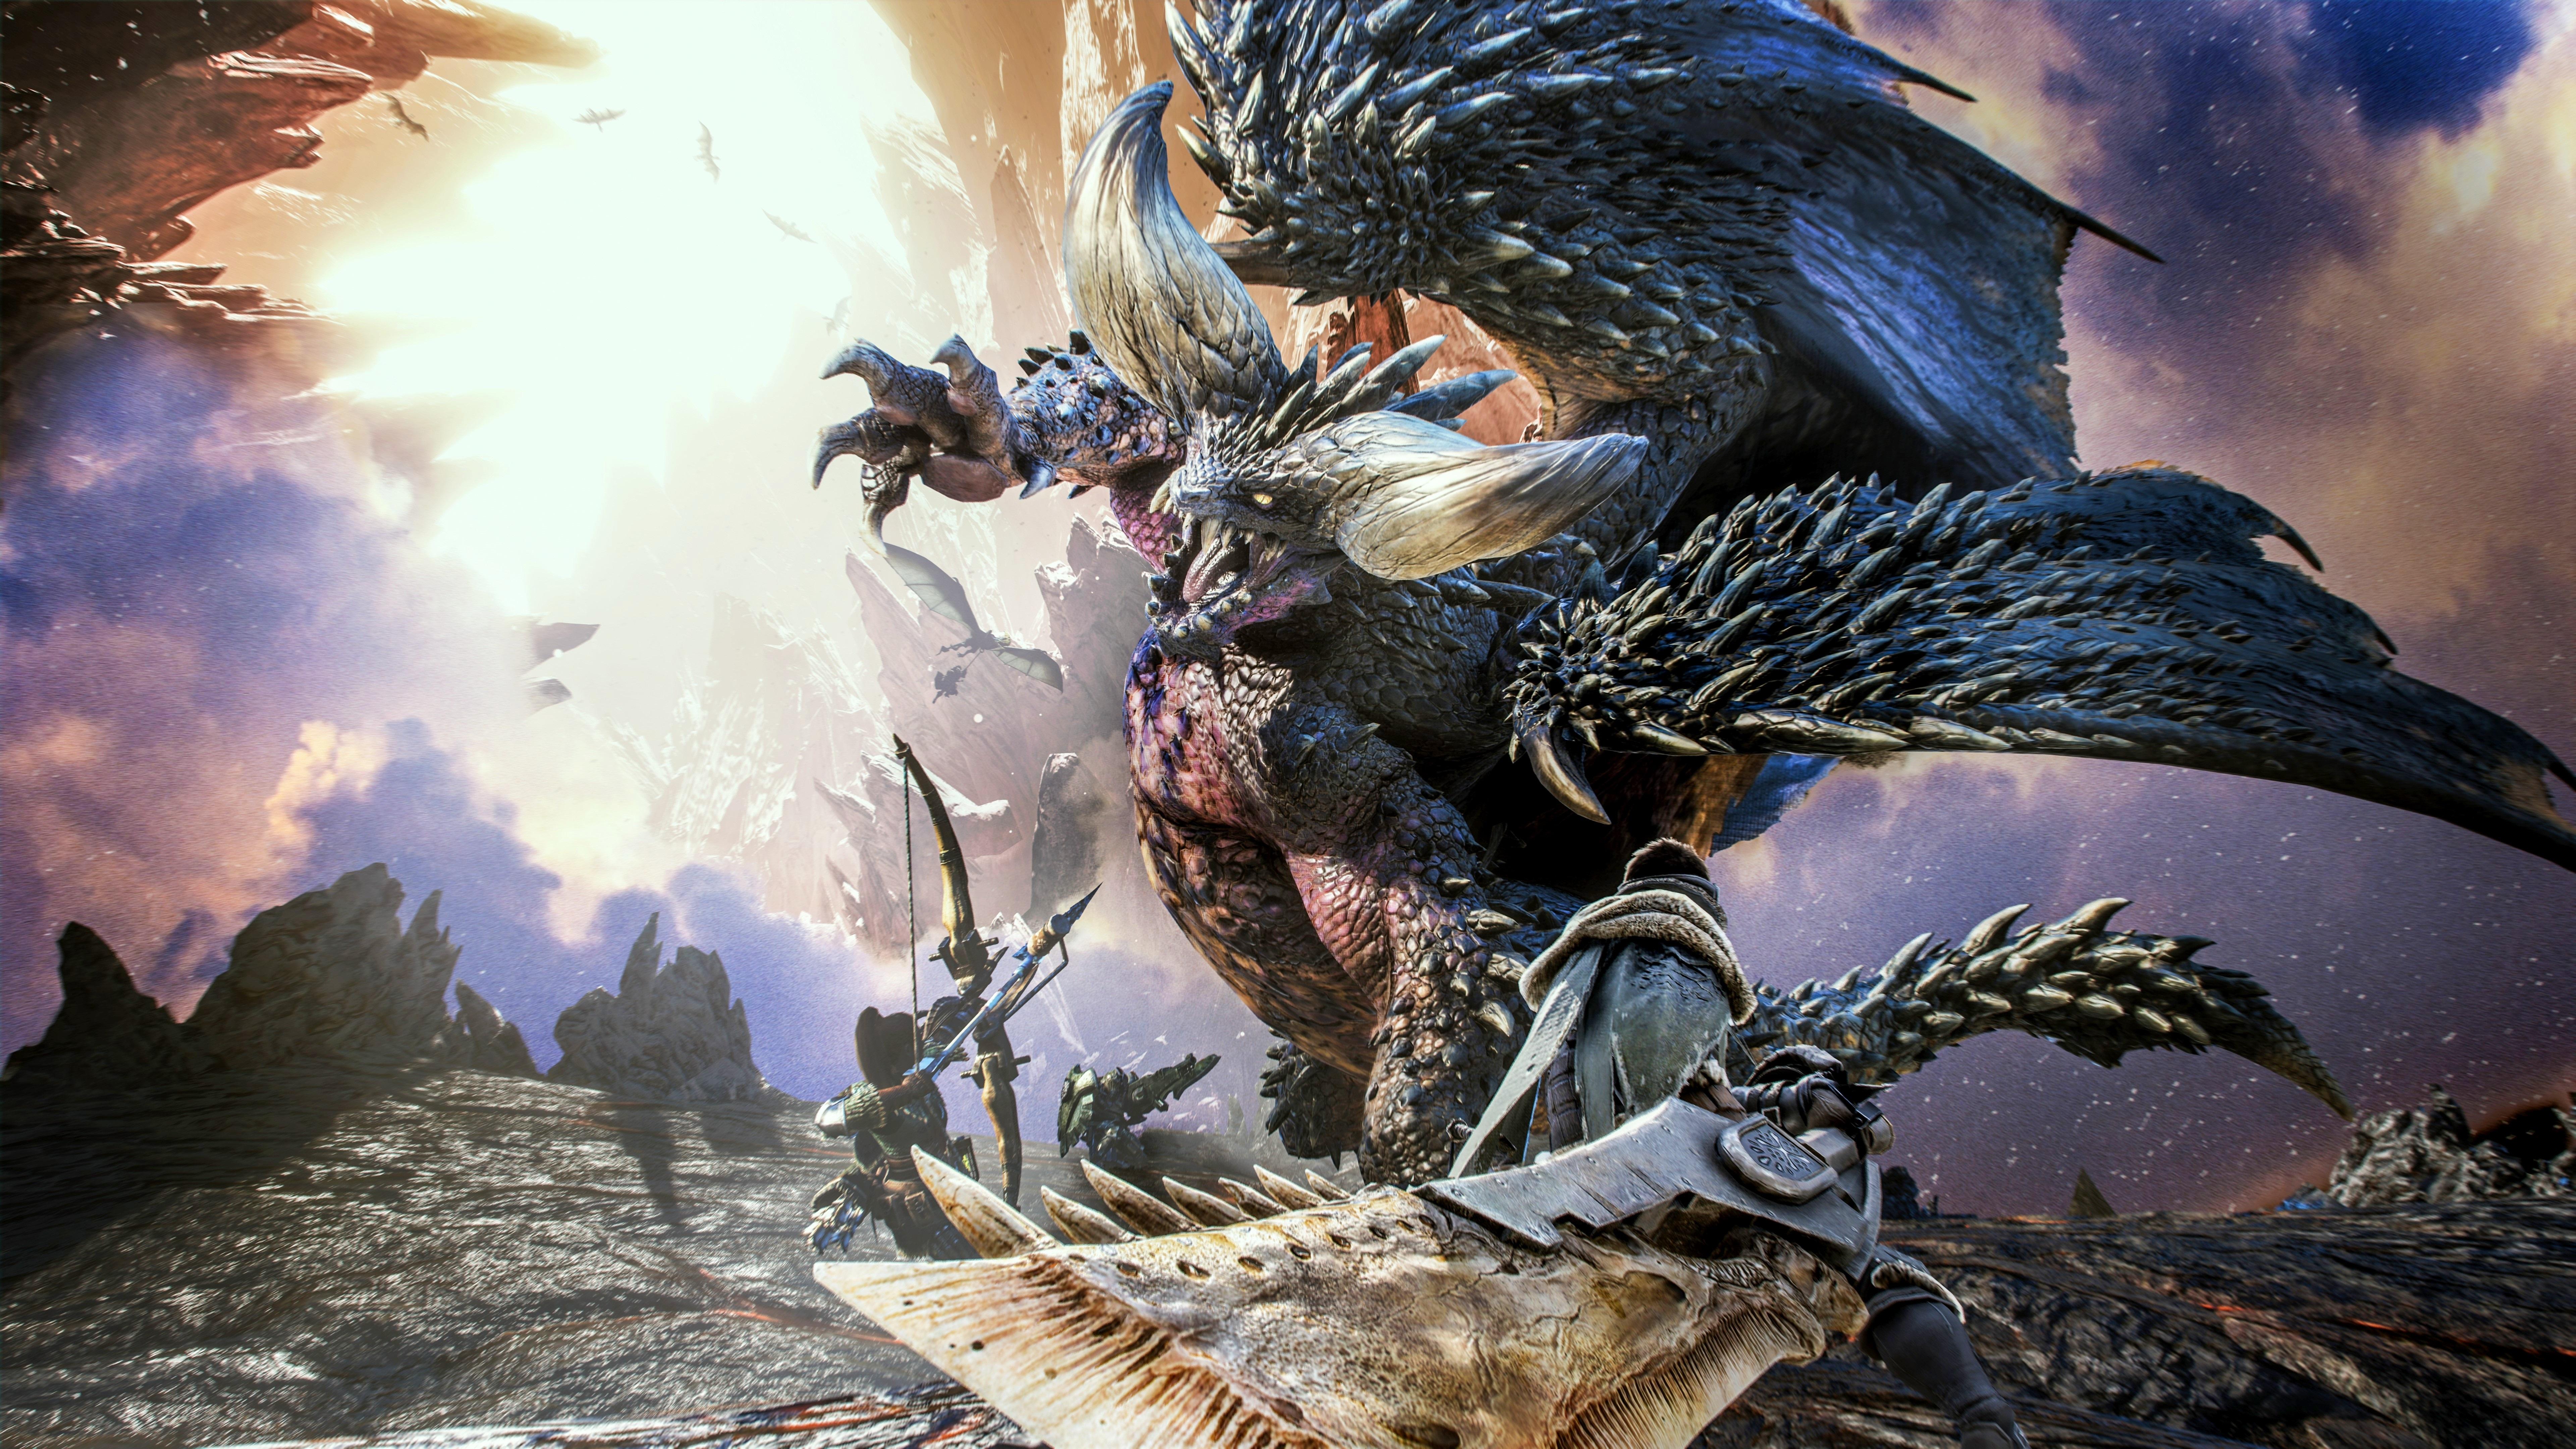 monster-hunter-world-wallpaper-zuu-11